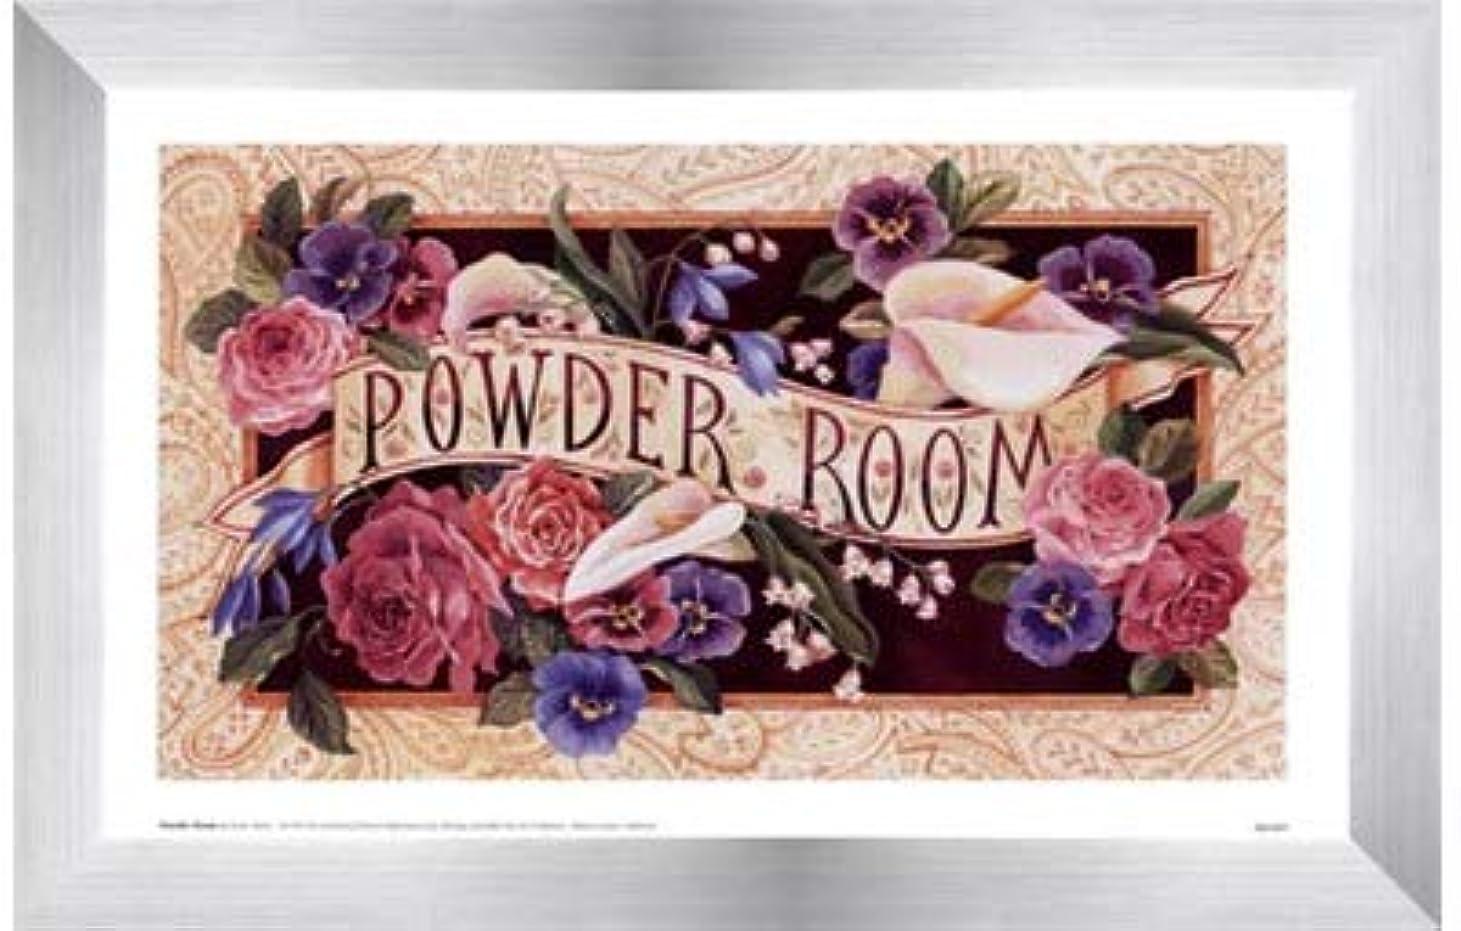 なめらかな旋回かもしれないPowder Room by Karen Avery – 11 x 7インチ – アートプリントポスター LE_47468-F9935-11x7